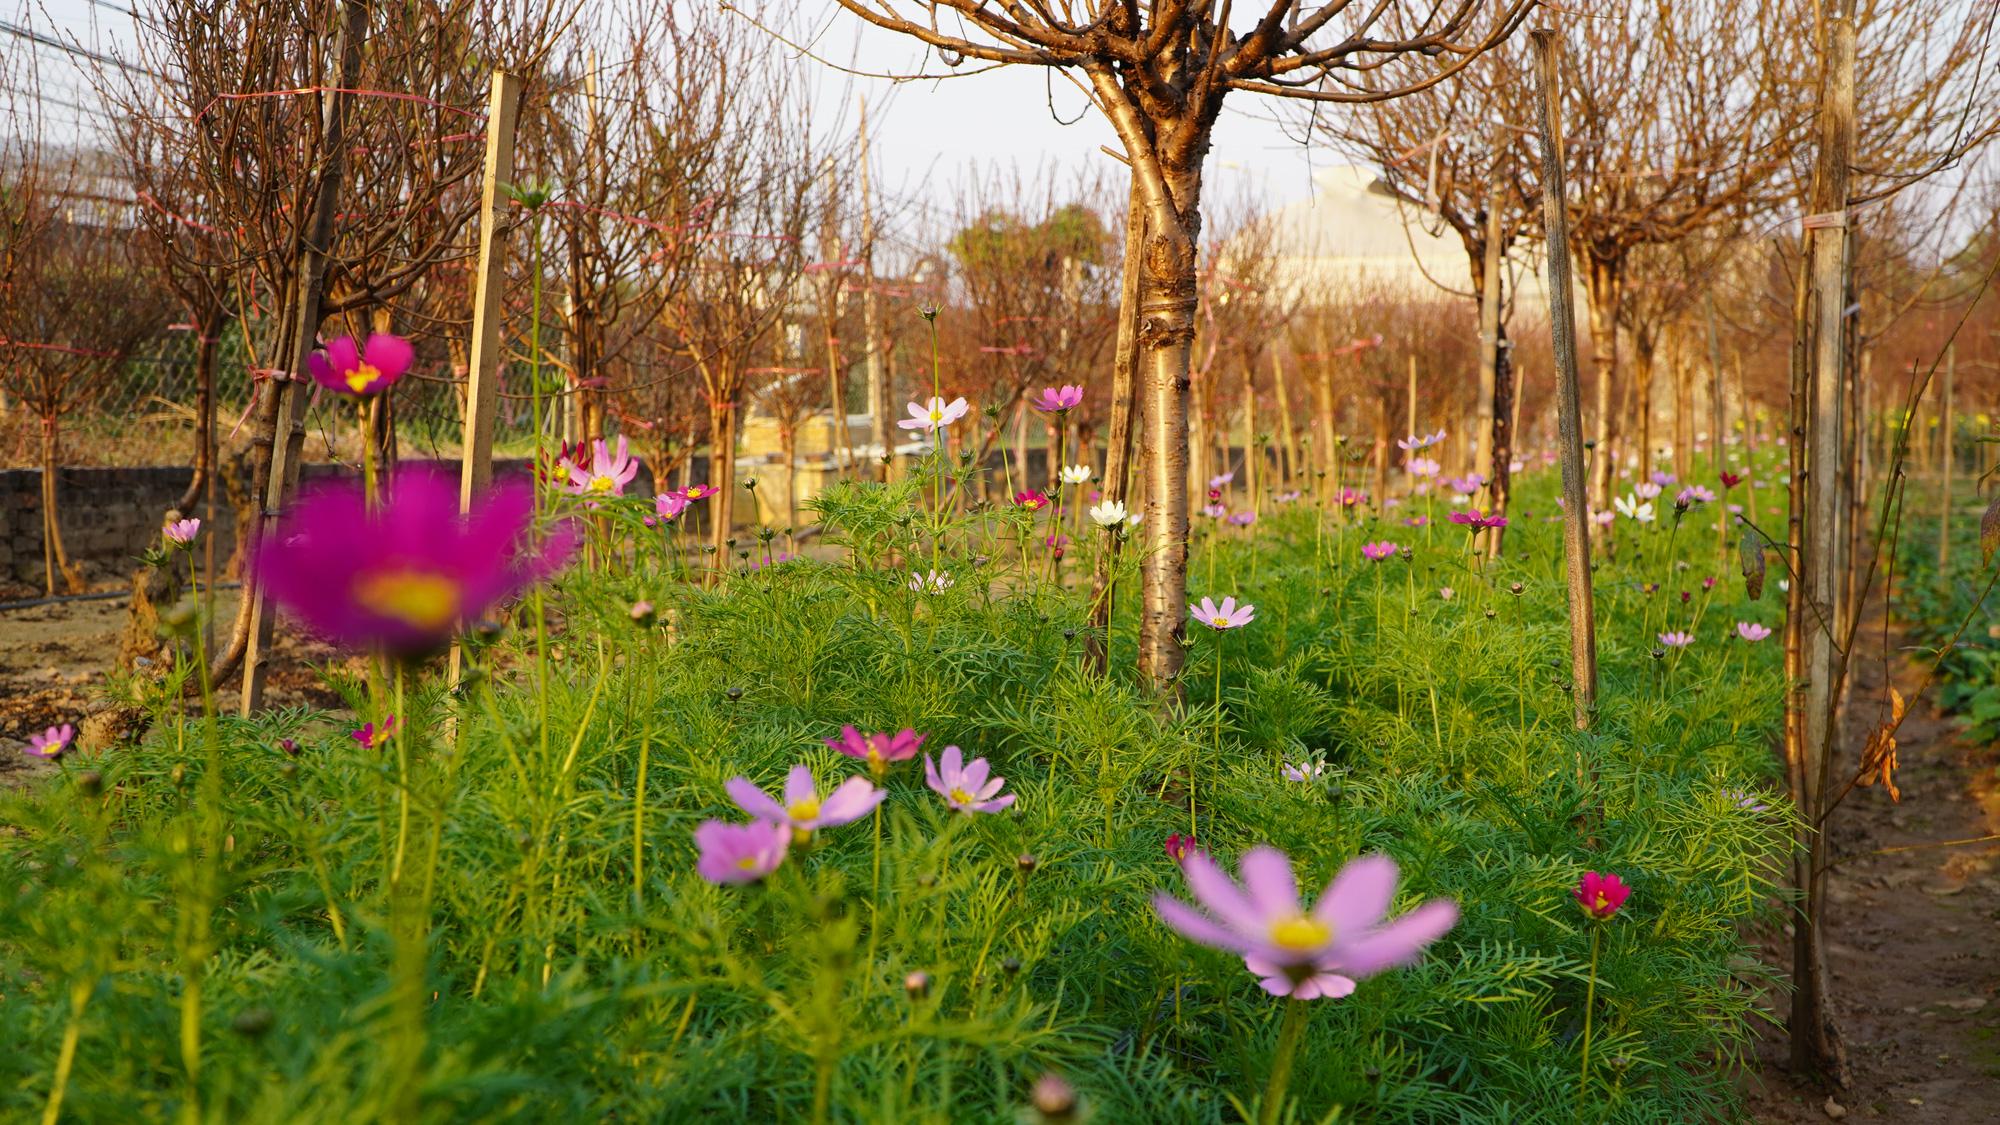 """Thời tiết tết 2021: Nông dân trồng hoa liệu có như """"đánh bạc"""" - Ảnh 5."""